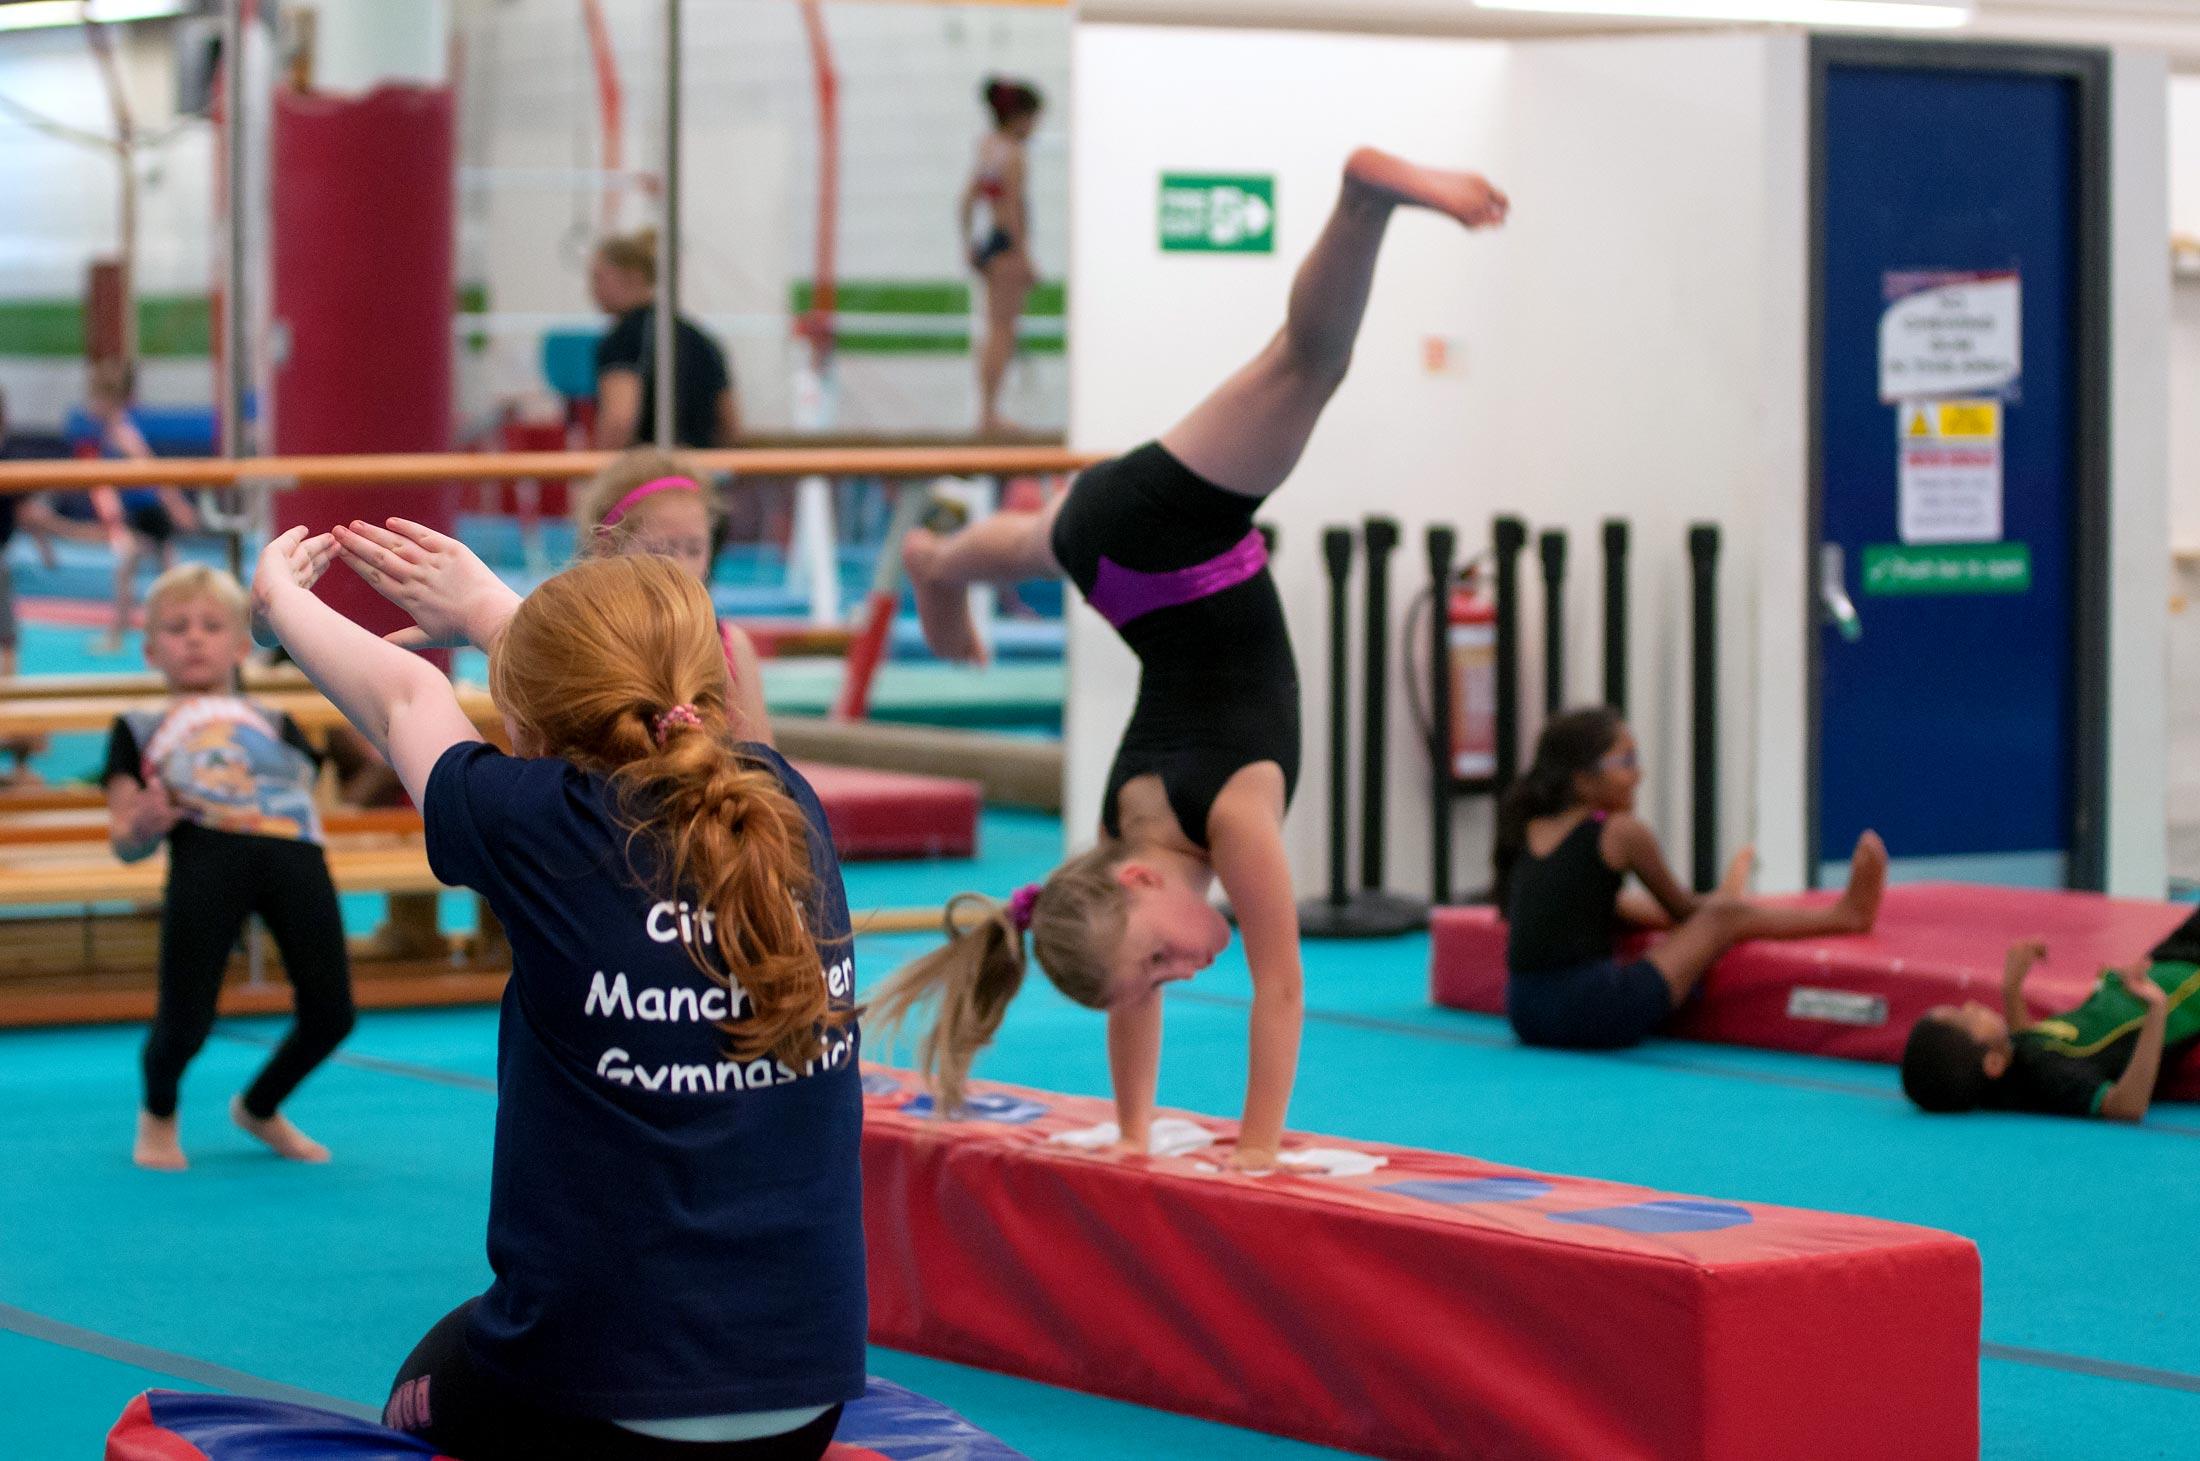 girl performing cartwheels